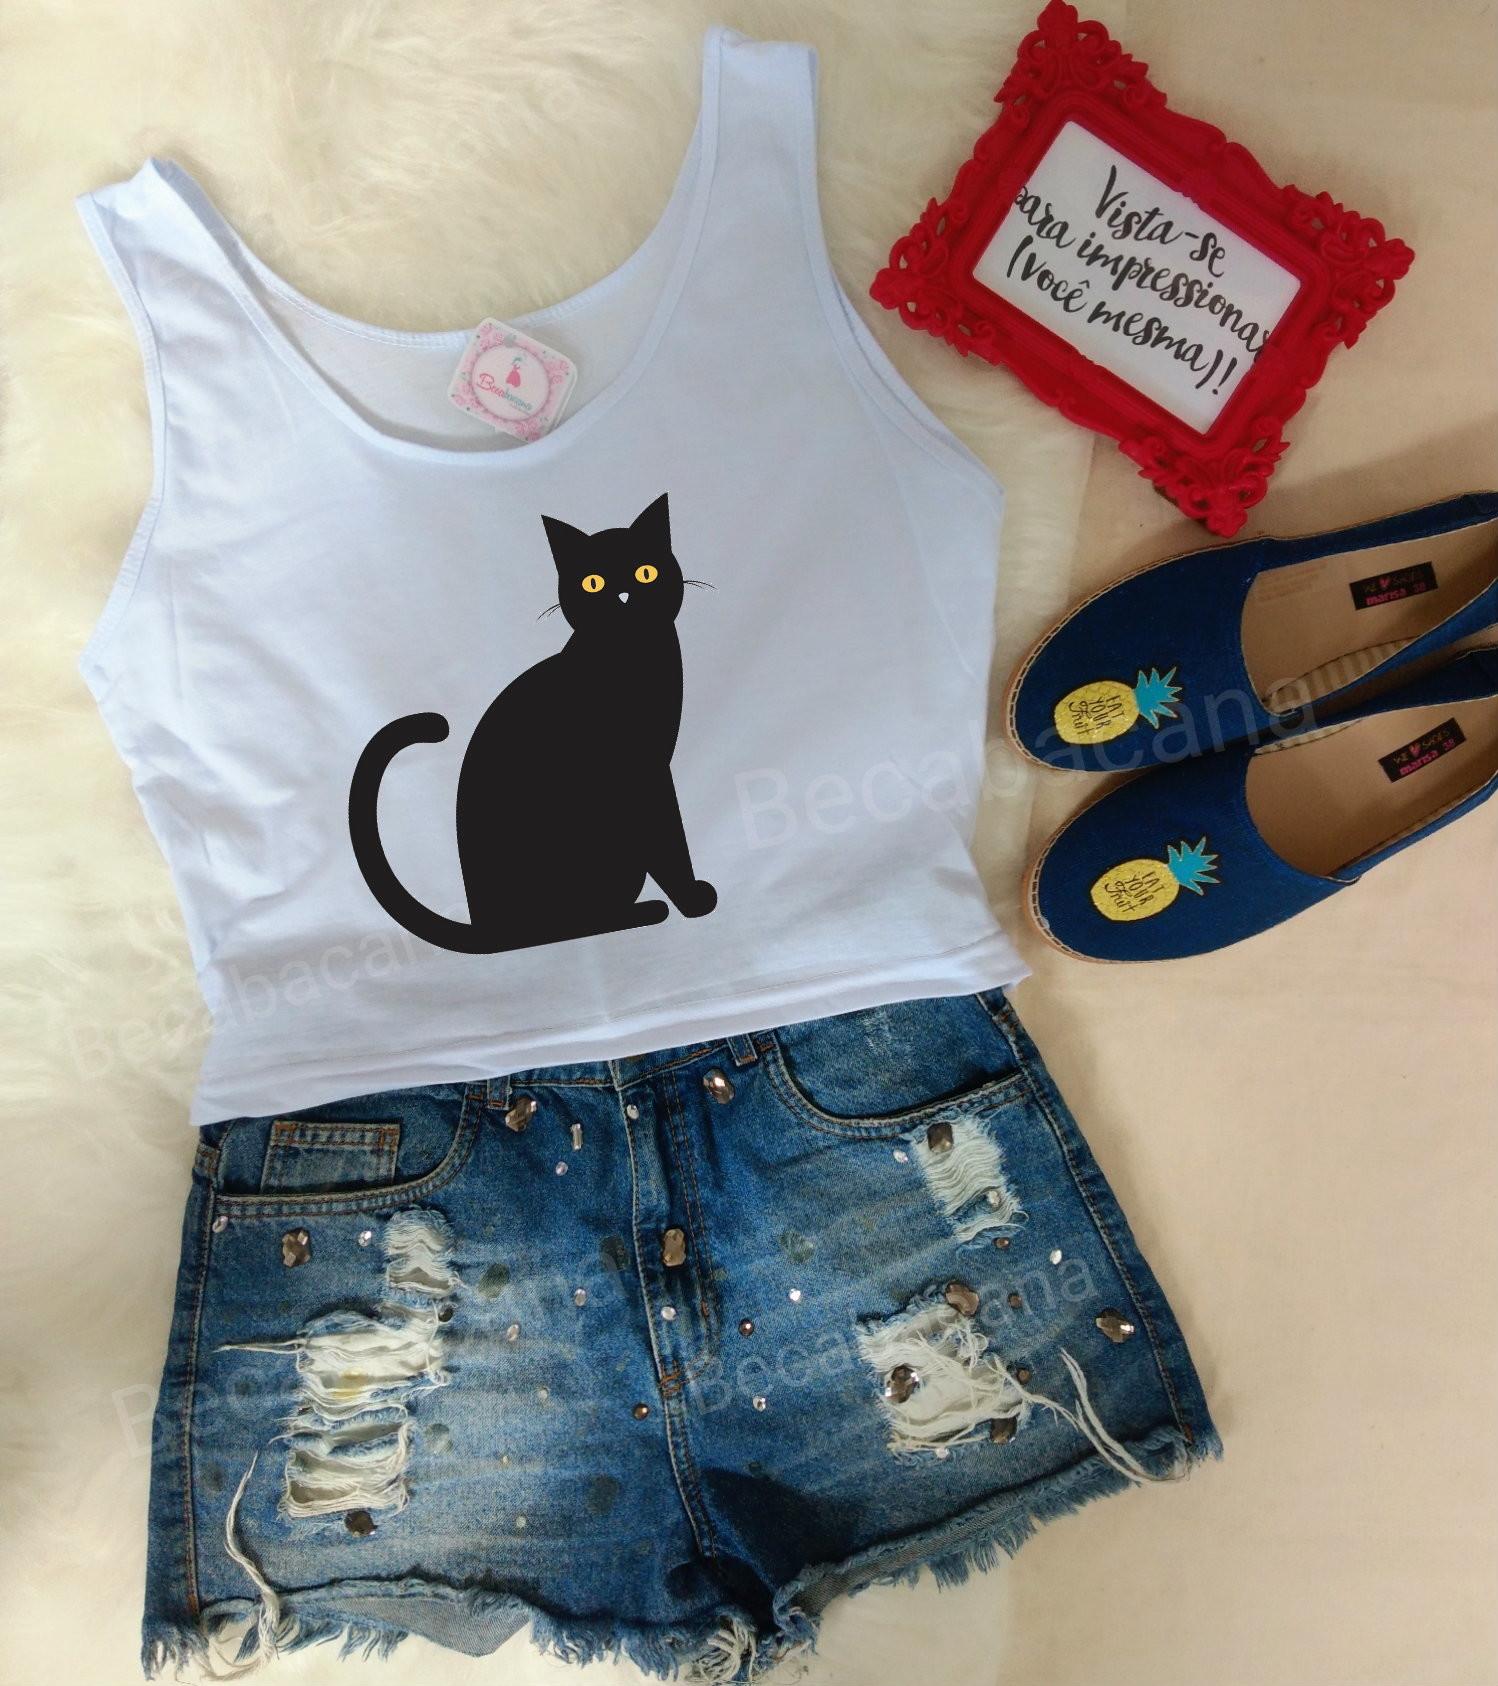 Tshirt Tumblr  de1a1d460929e